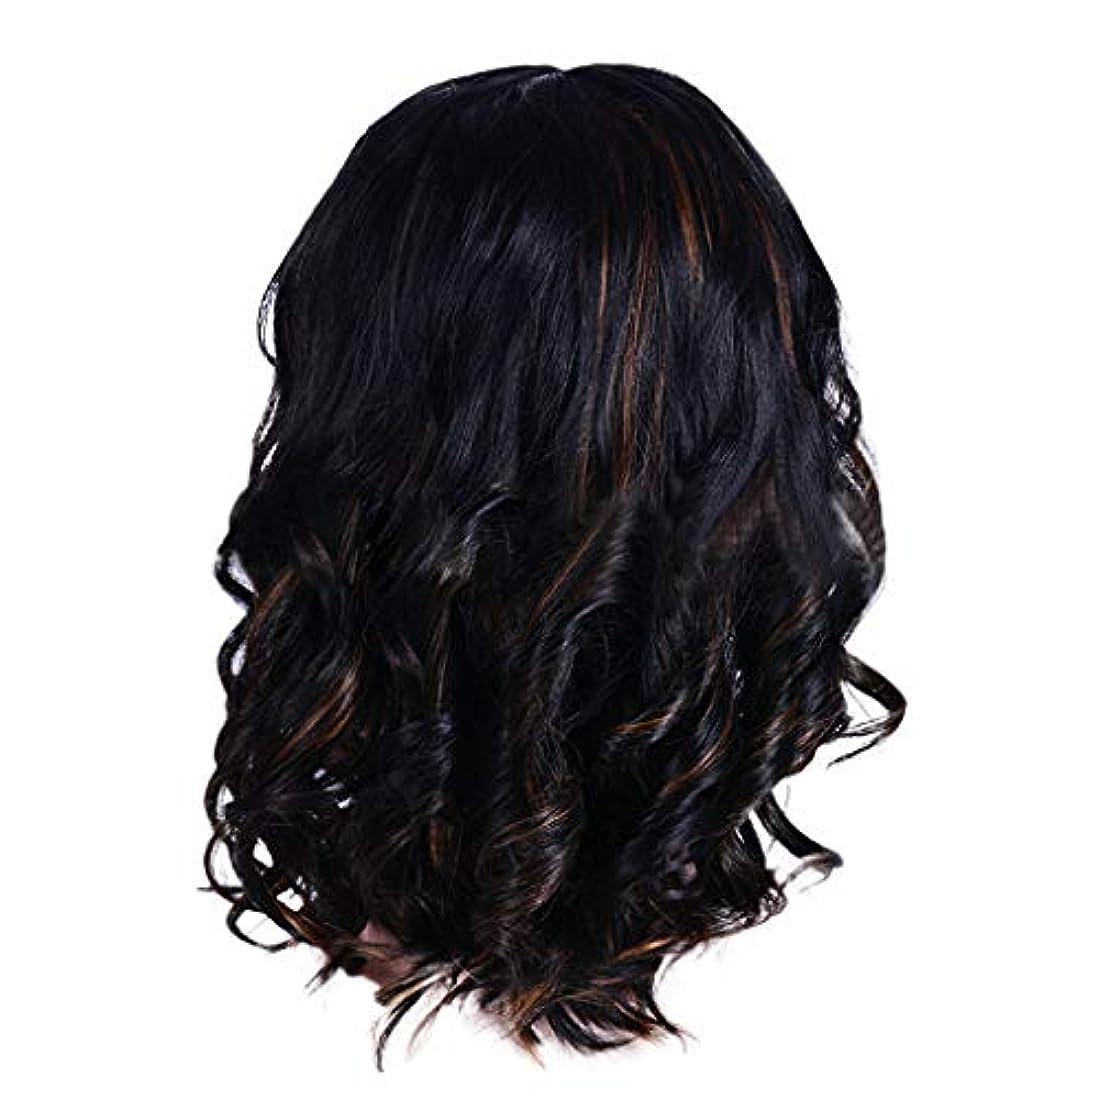 鉱夫回転するバタフライウィッグの女性の短い巻き毛の黒ボブエレガントなファッションウィッグ